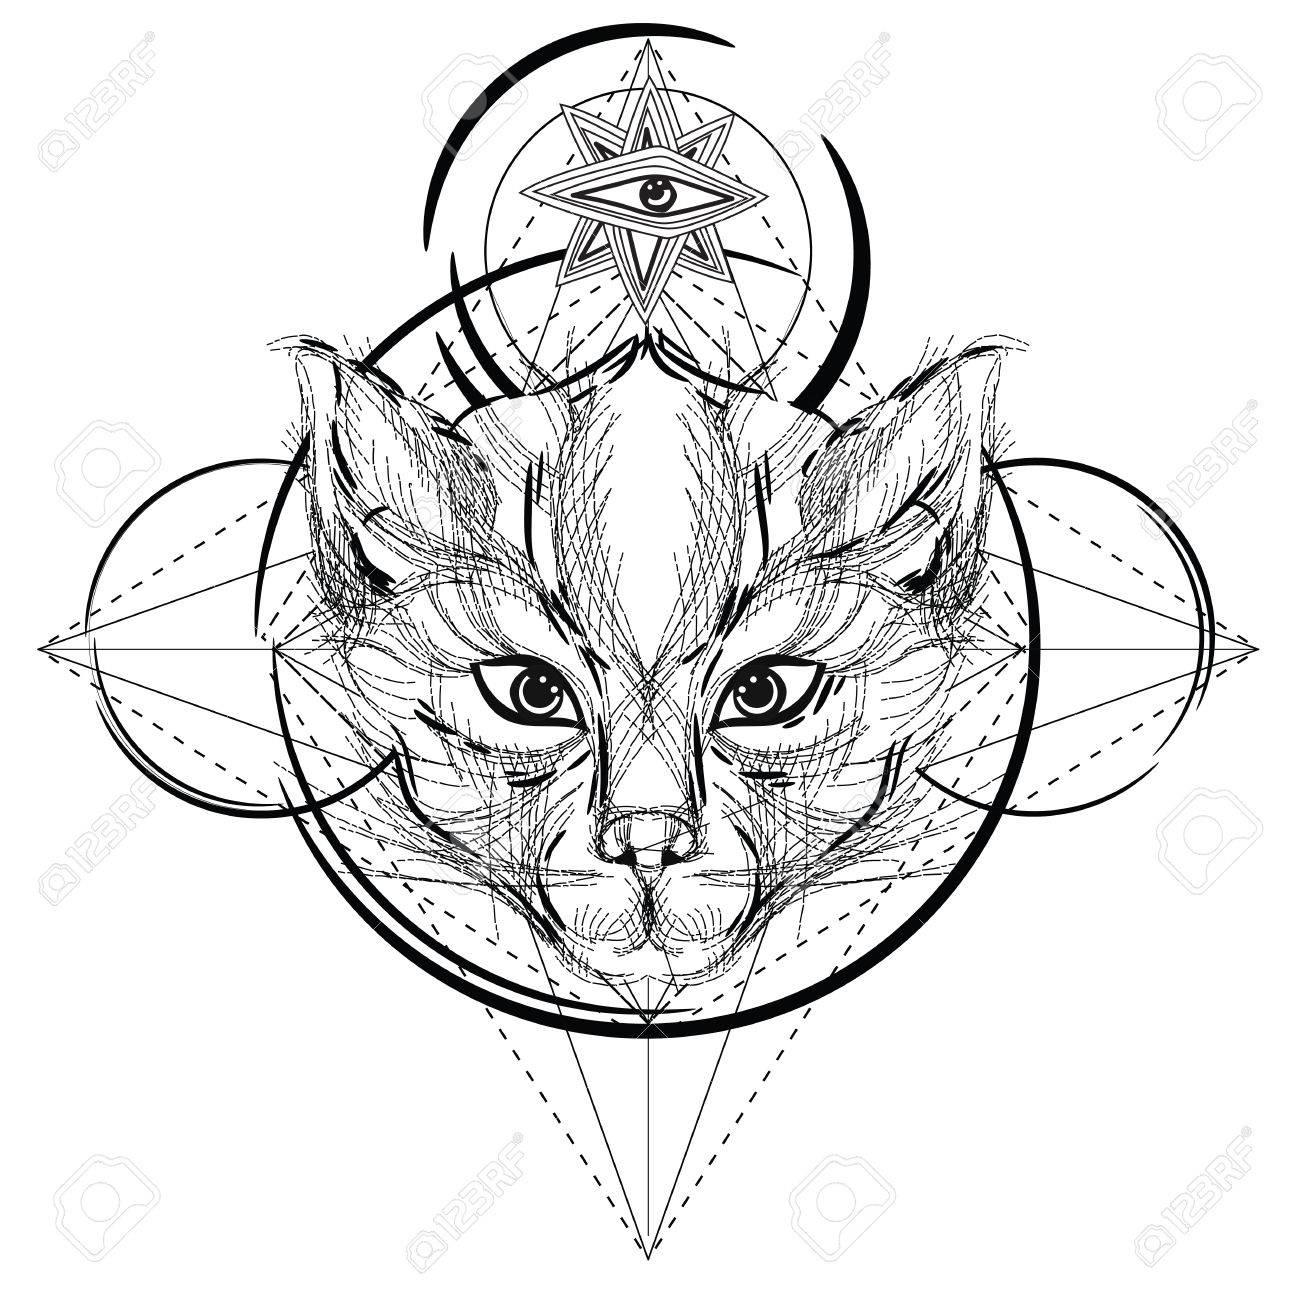 Icône Triangulaire Tête Animale, Conception De Ligne Géométrique À La Mode.  Illustration Vectorielle Prêt Pour Le Uage Ou L'adulte Se Détendre pour Coloriage De Chat En Ligne